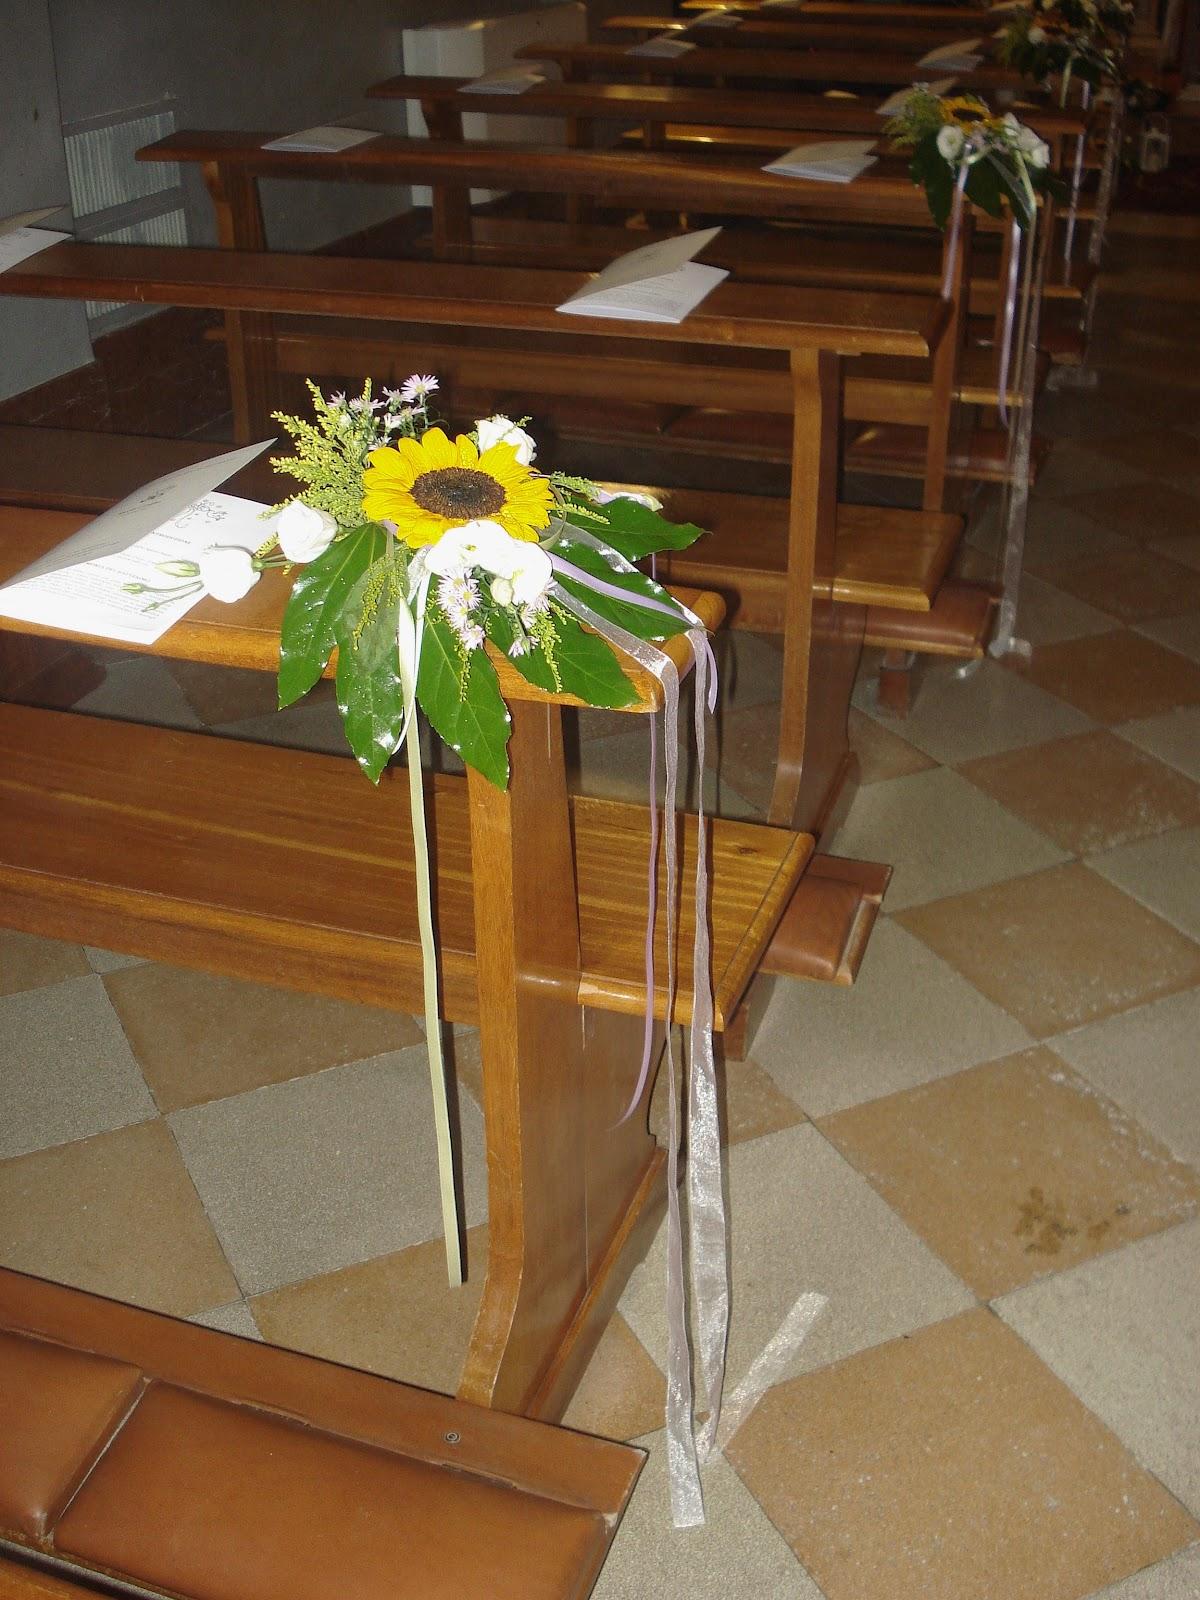 Girasoli Chiesa Per Matrimonio : I verdi prati dell incanto addobbo chiesa con girasoli